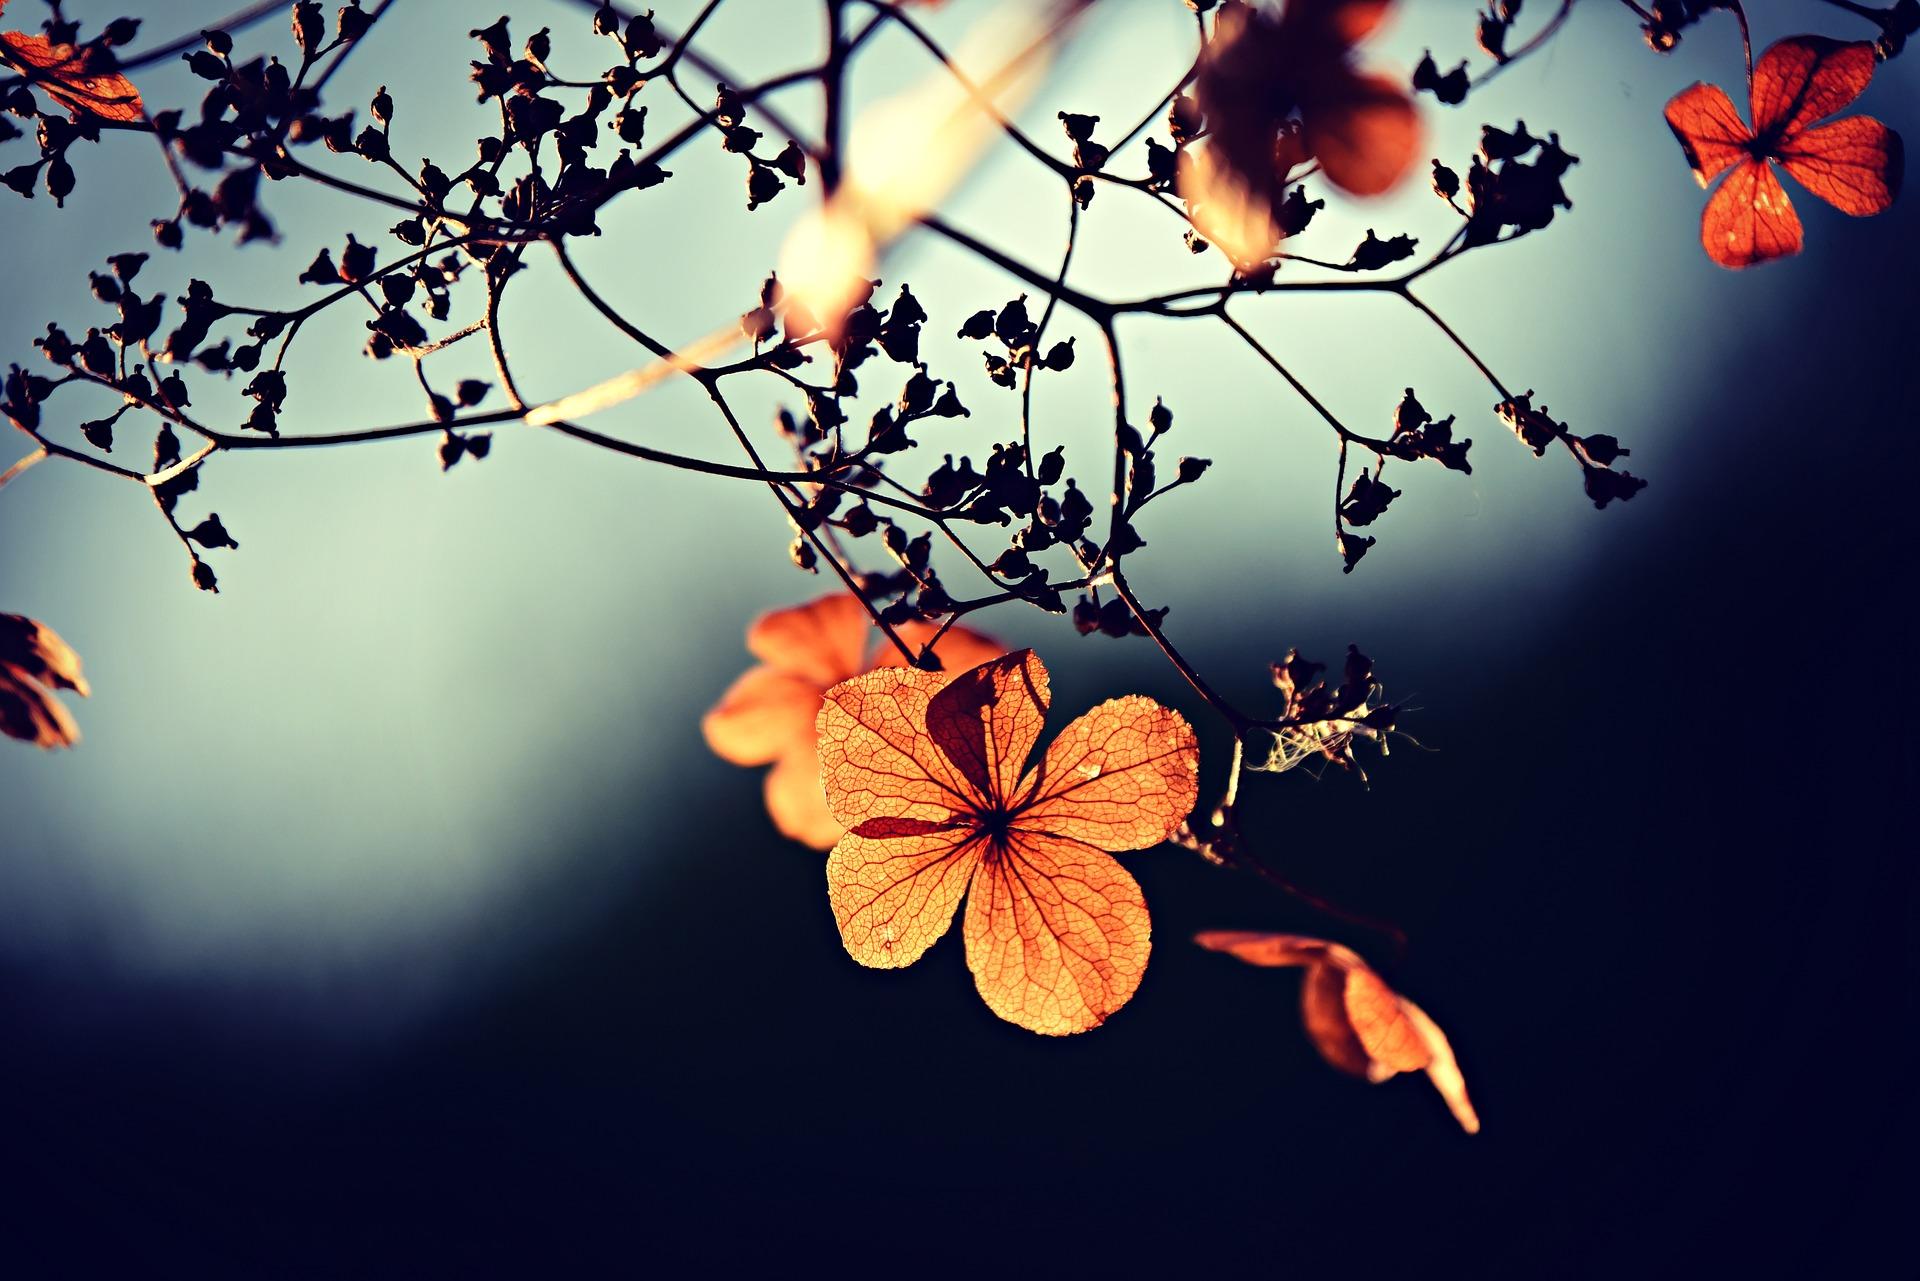 Efterår, efterårsjævndøgn, ritual, årshjulet